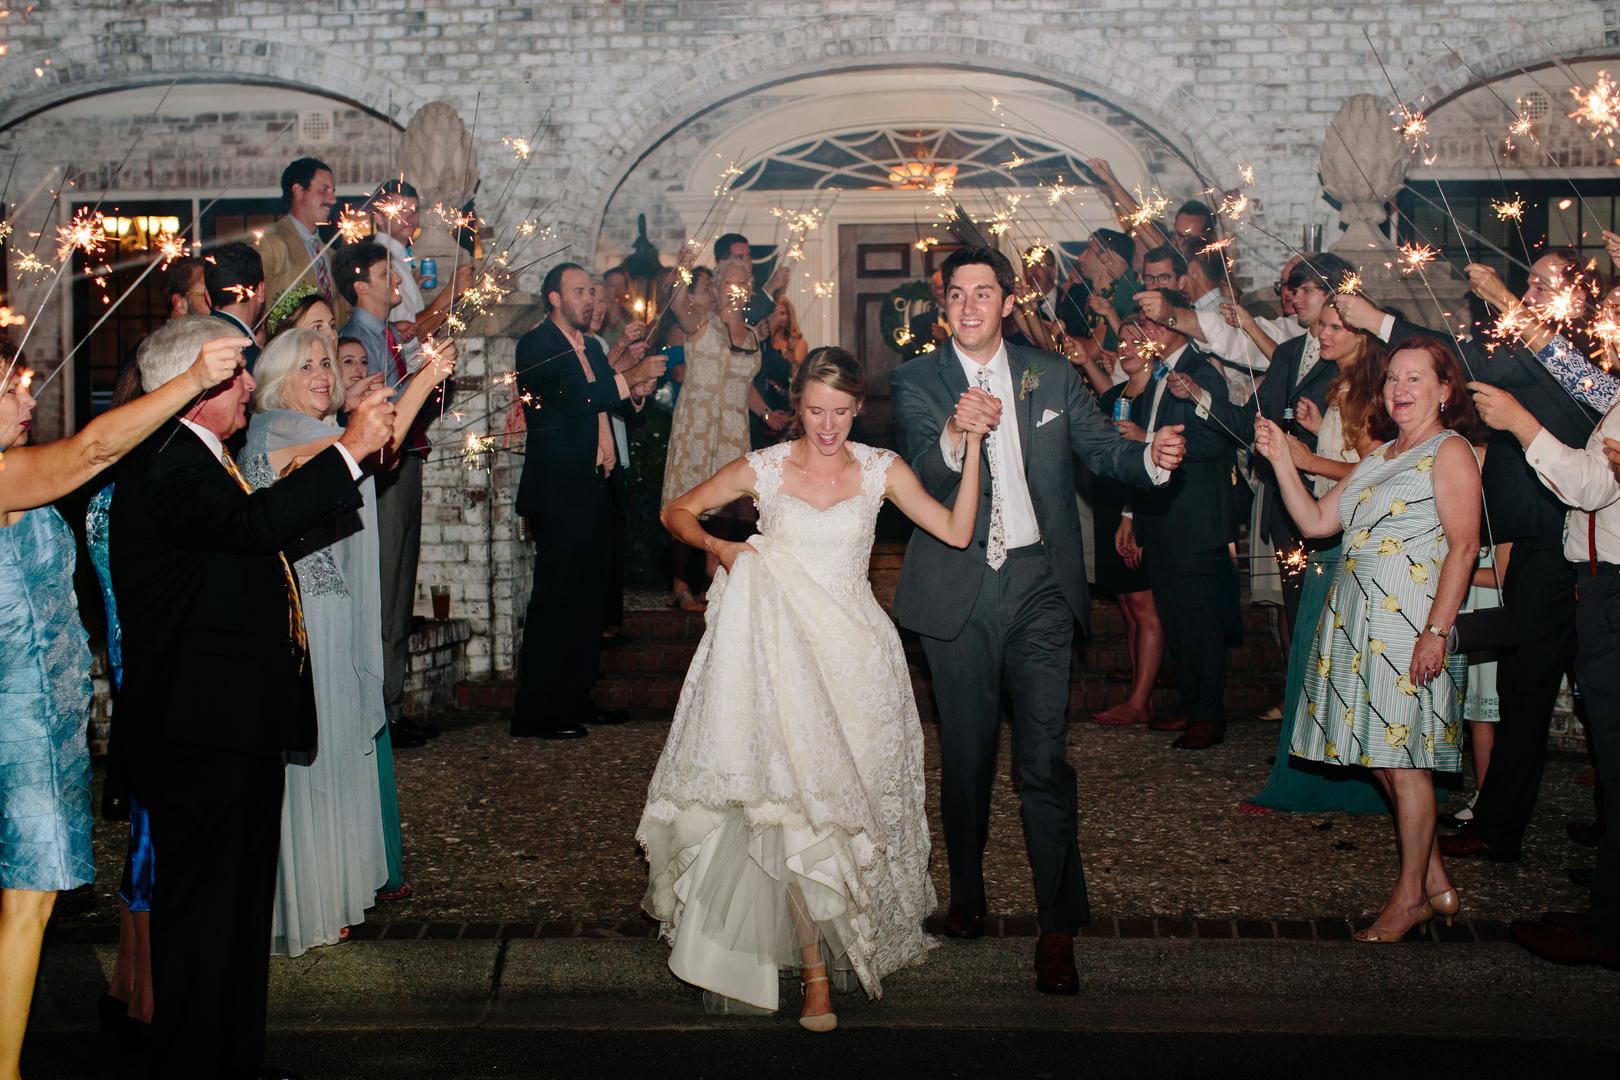 dunes-west-golf-club-wedding-35.jpg